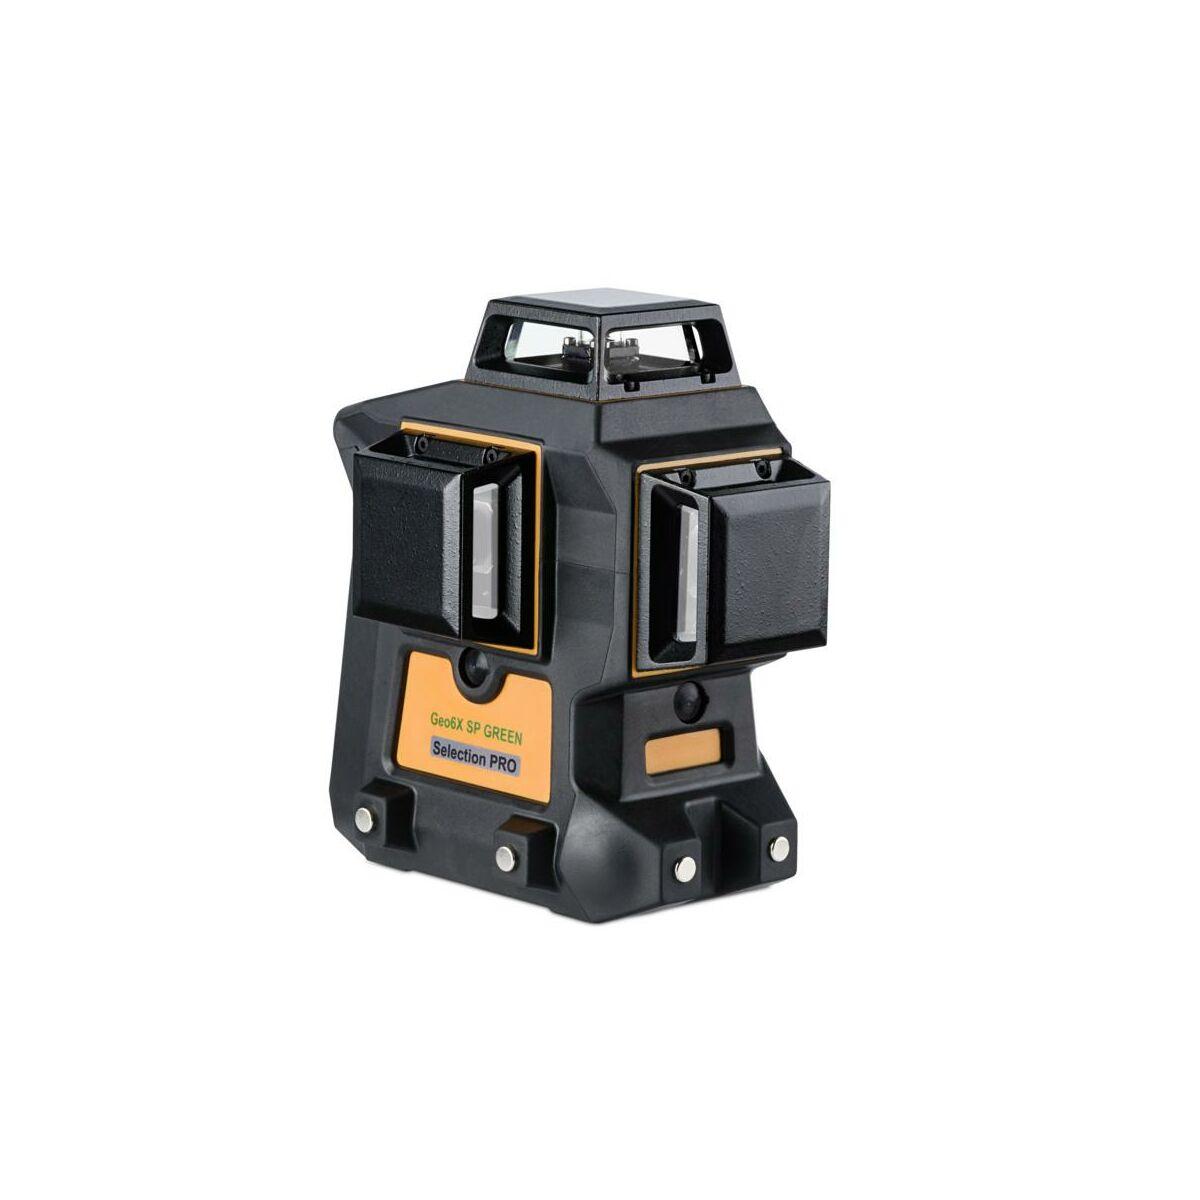 Poziomnica Laserowa Geo6x Green Sp Li Ion Geo Fennel Urzadzenia Laserowe W Atrakcyjnej Cenie W Sklepach Leroy Merlin